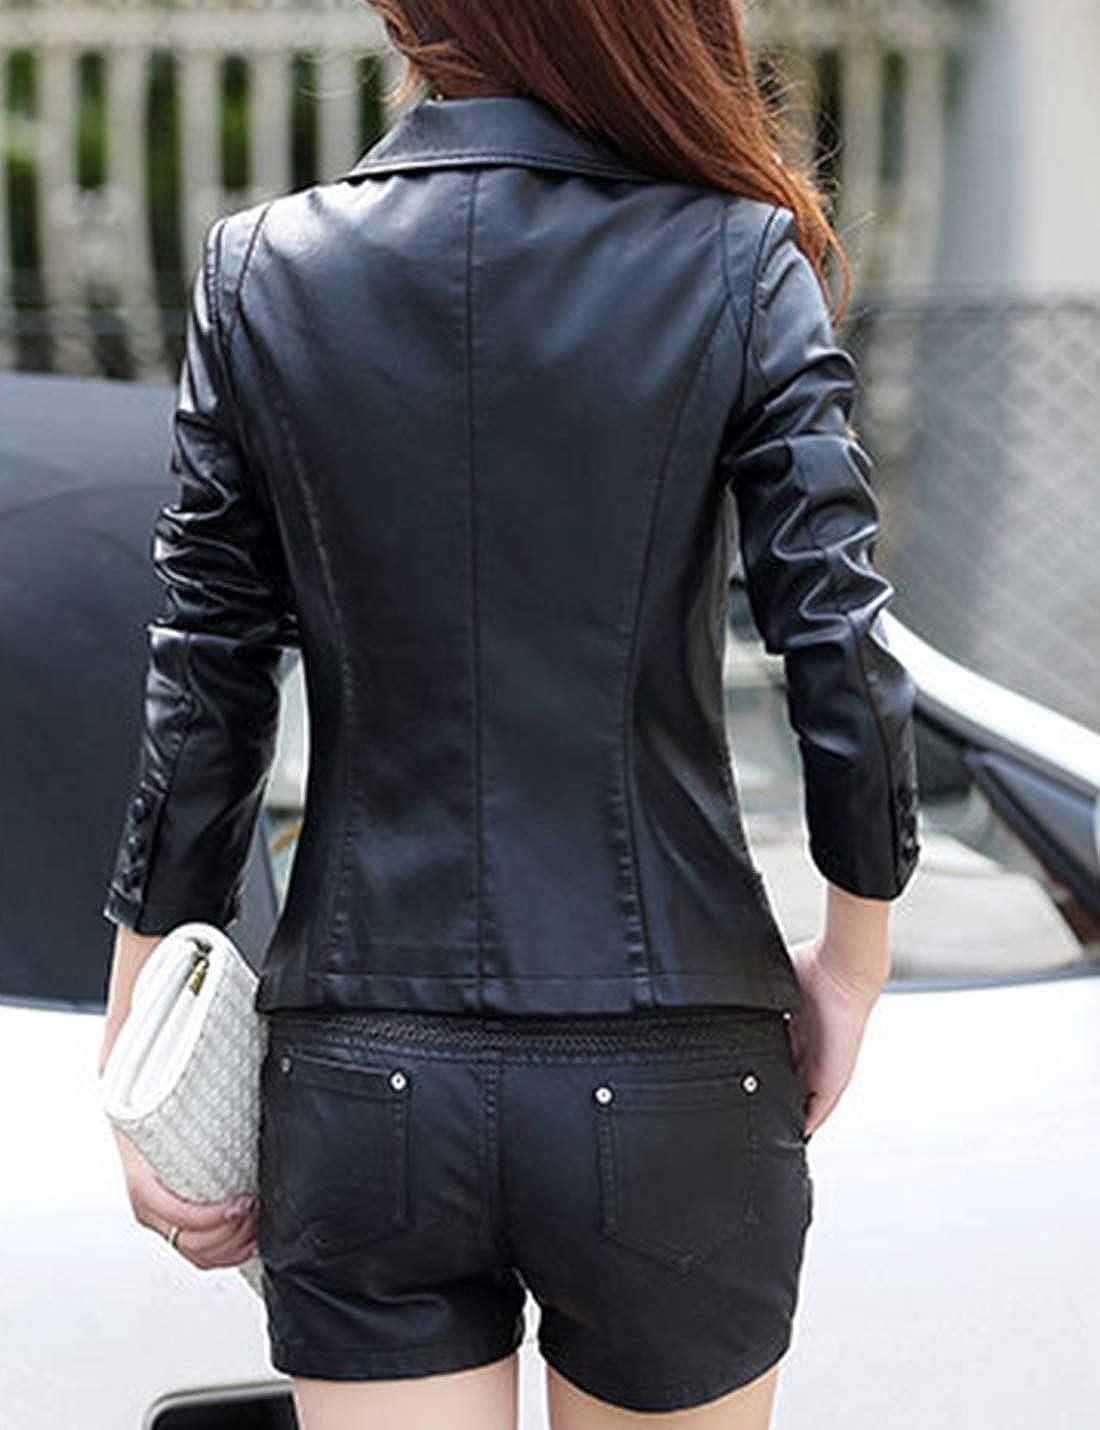 Tanming Womens Spring Autumn Lapel Button Down Faux Leather Jacket Suit  Jackets Coat at Amazon Women s Coats Shop 439cc3d2d